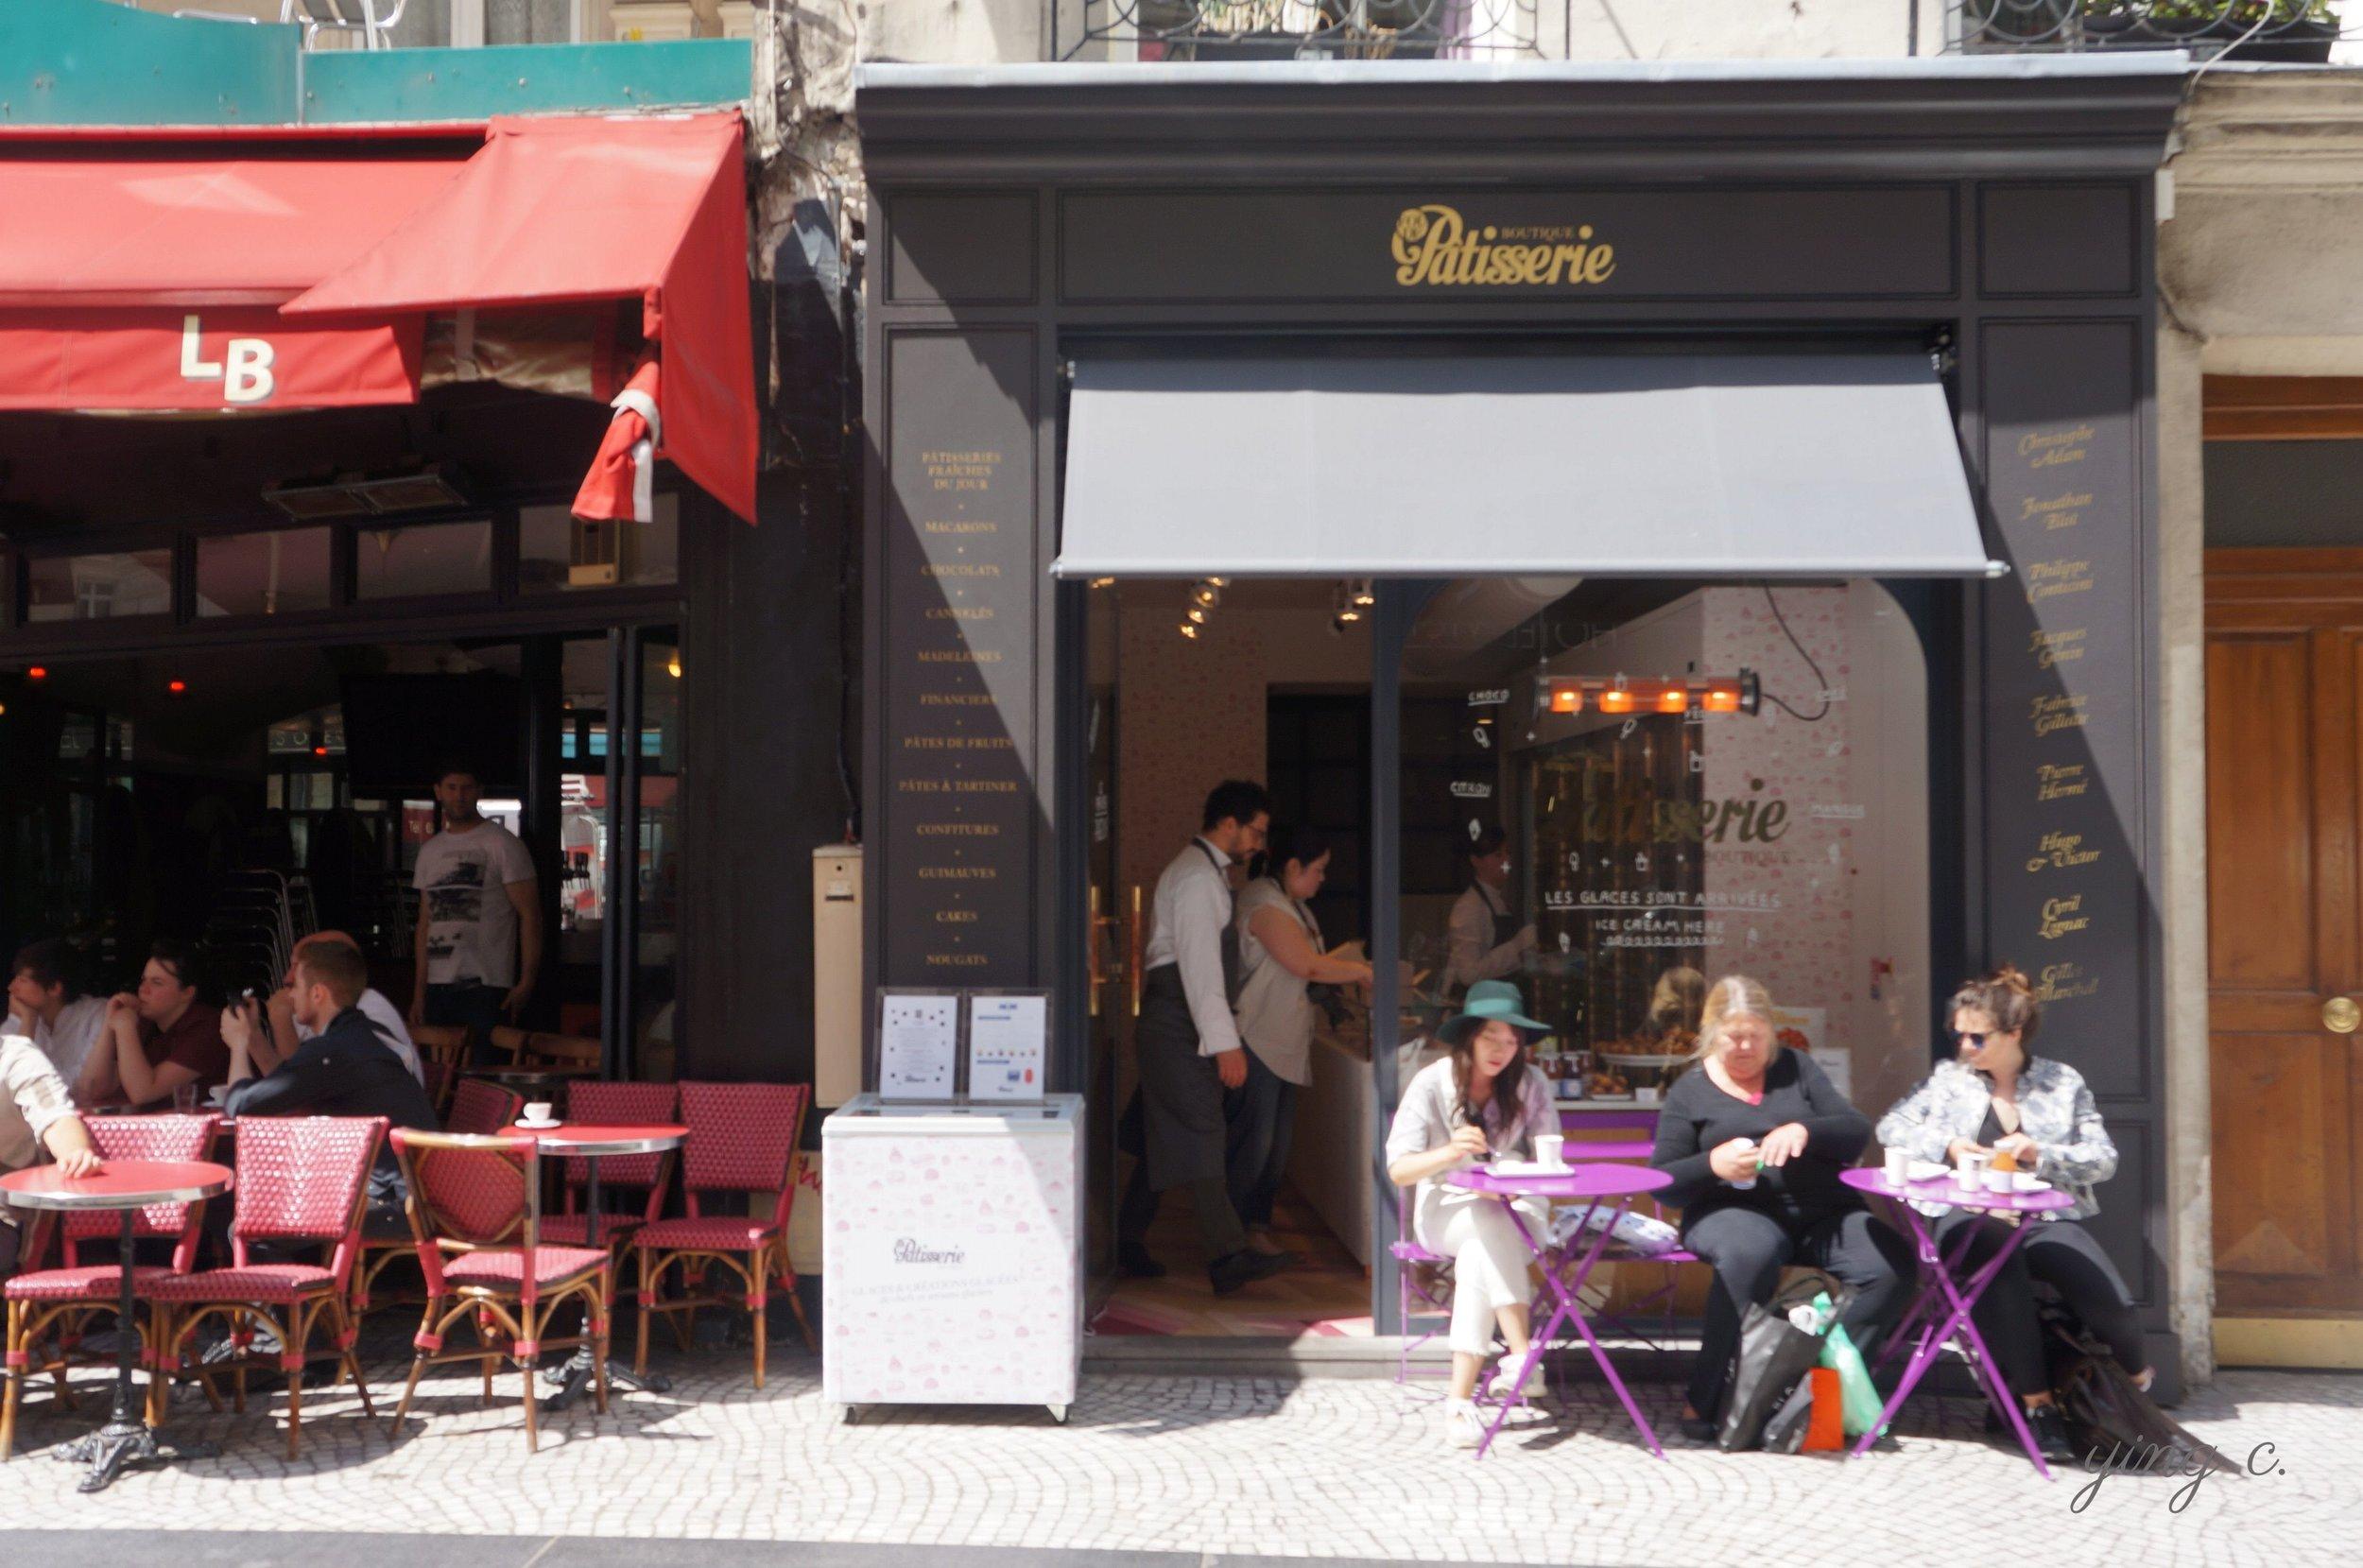 Fou de Pâtisserie 的第一家店面,位於巴黎二區知名的 Rue Montorgueil 上。